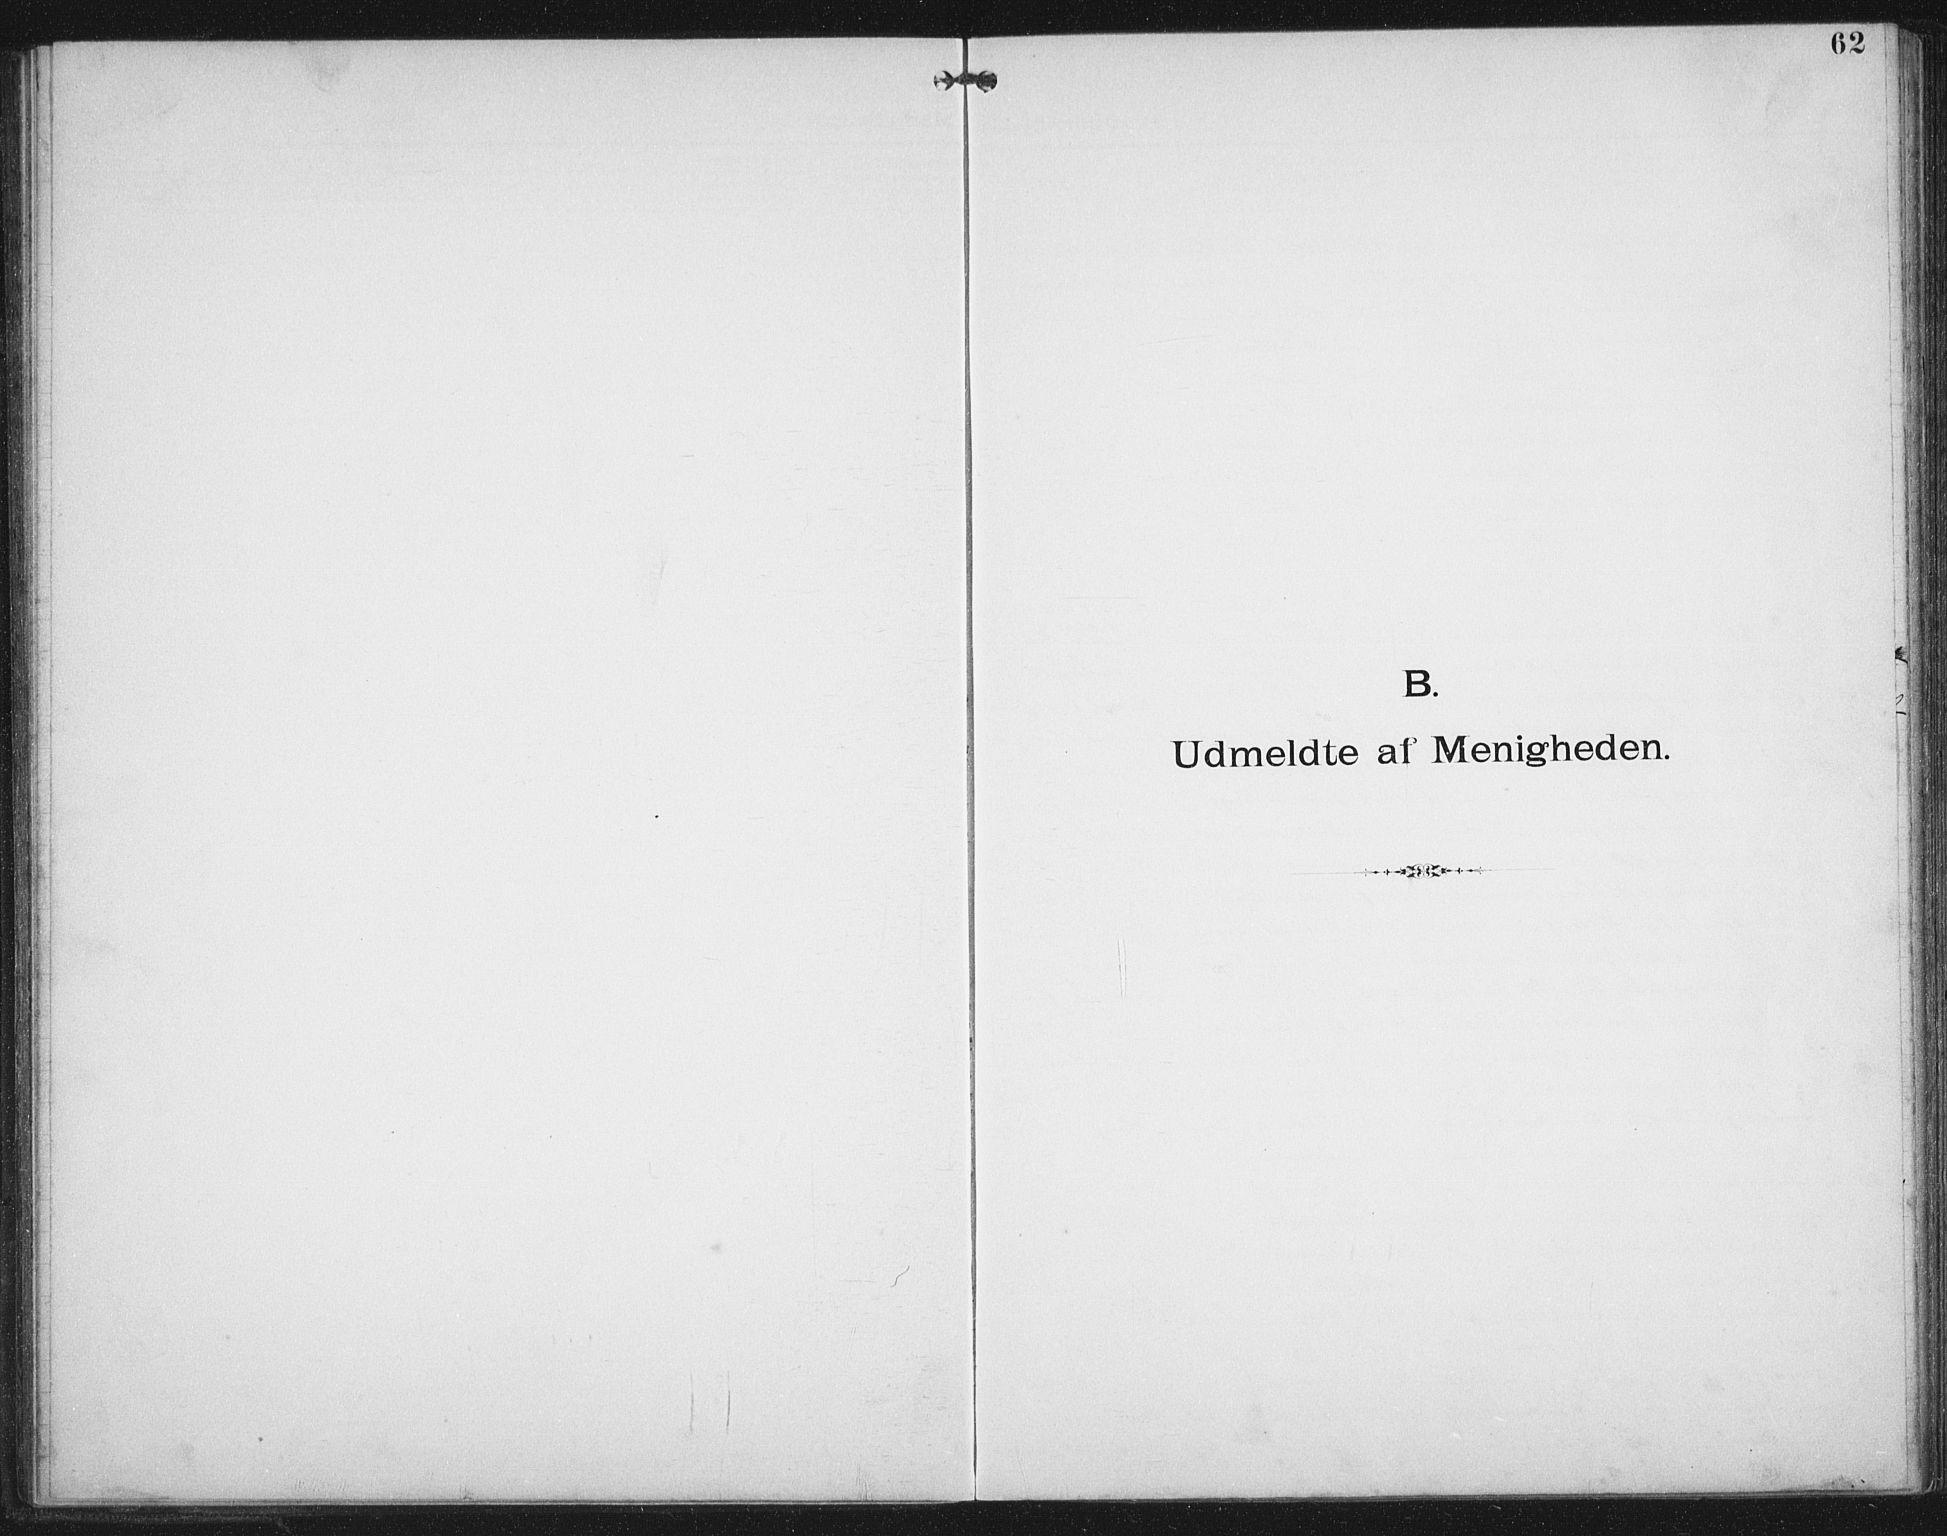 SAT, Ministerialprotokoller, klokkerbøker og fødselsregistre - Nordland, 881/L1174: Dissenterprotokoll nr. 881D01, 1891-1933, s. 62